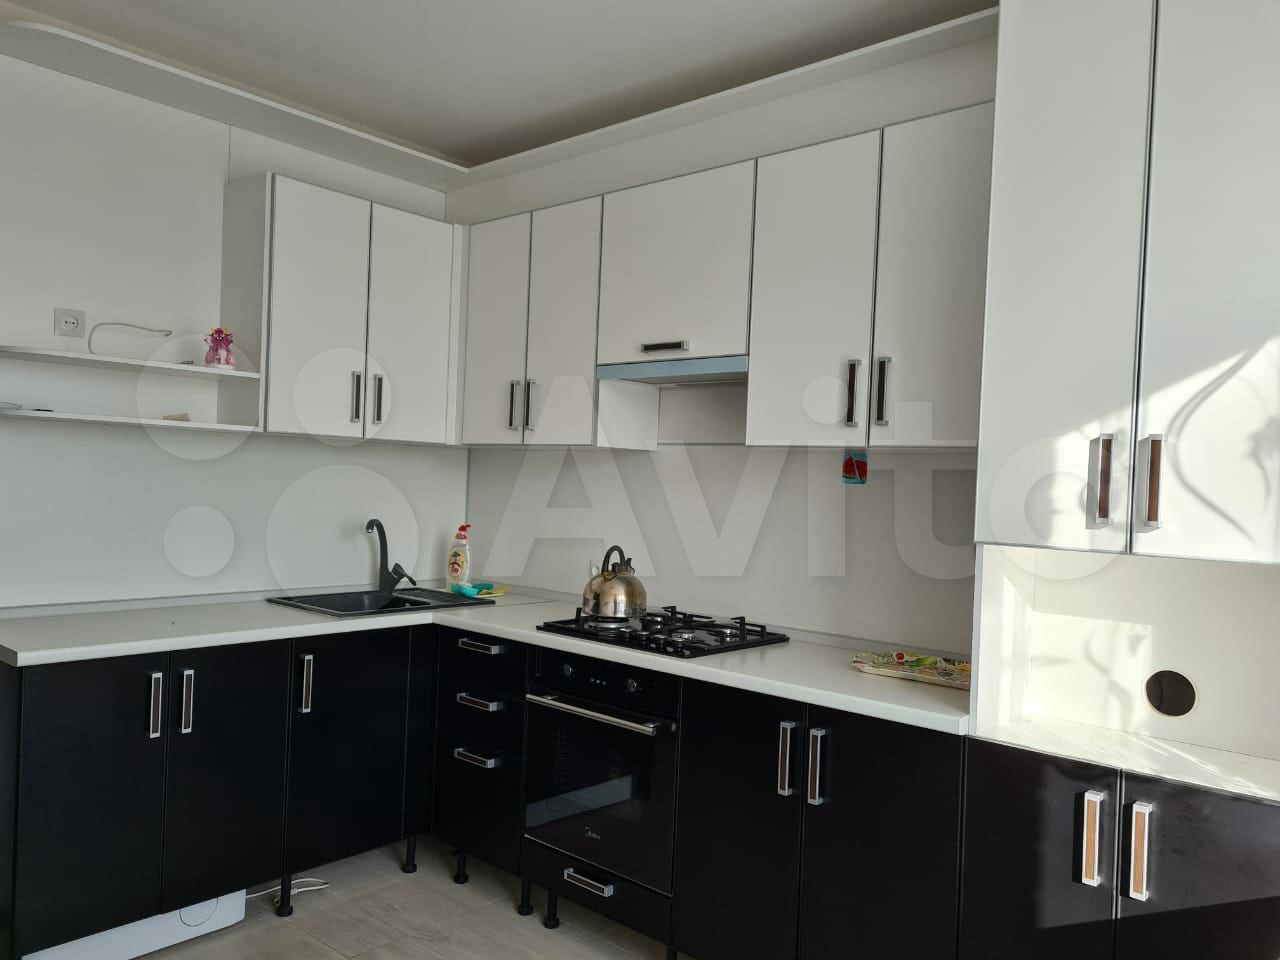 1-к квартира, 39 м², 5/10 эт.  89877137831 купить 1